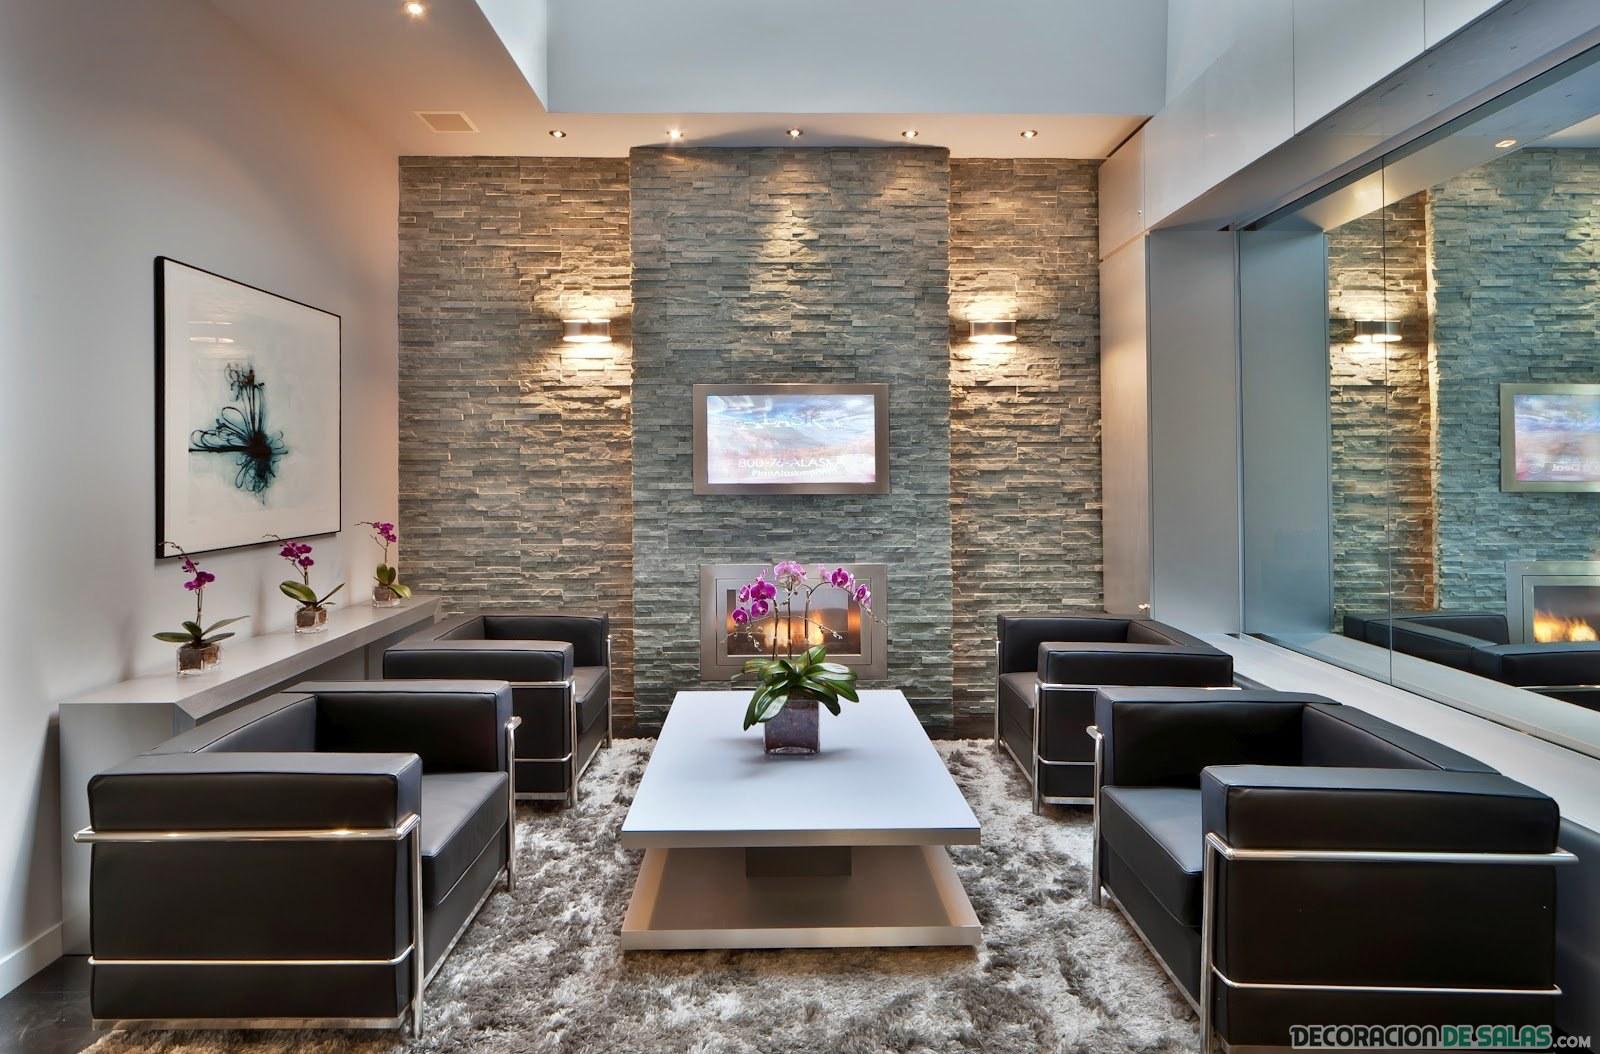 Las paredes de piedra tambi n decoran nuestros salones - Pared de piedra interior ...